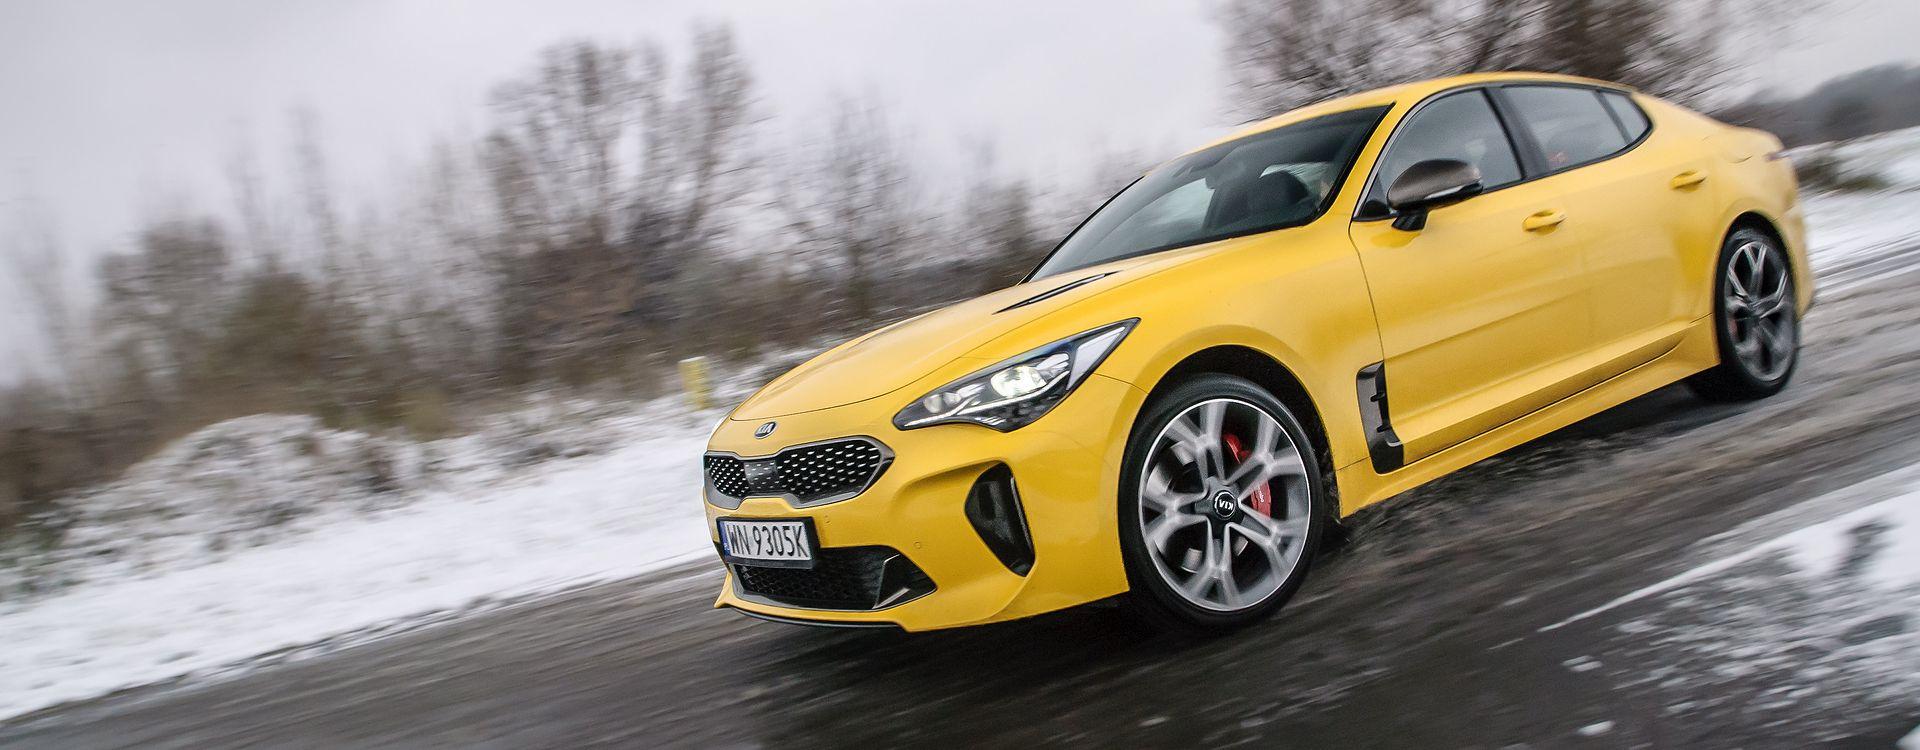 Nawet z dwulitrowym silnikiem Stinger daje frajdę z jazdy. Z jednostką V6 jest po prostu świetną okazją.